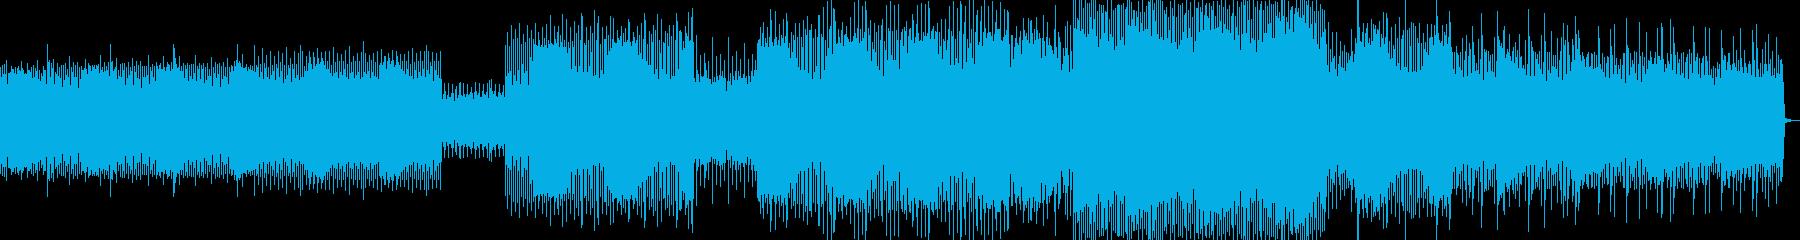 スピーチ、ファンク、Efx。の再生済みの波形